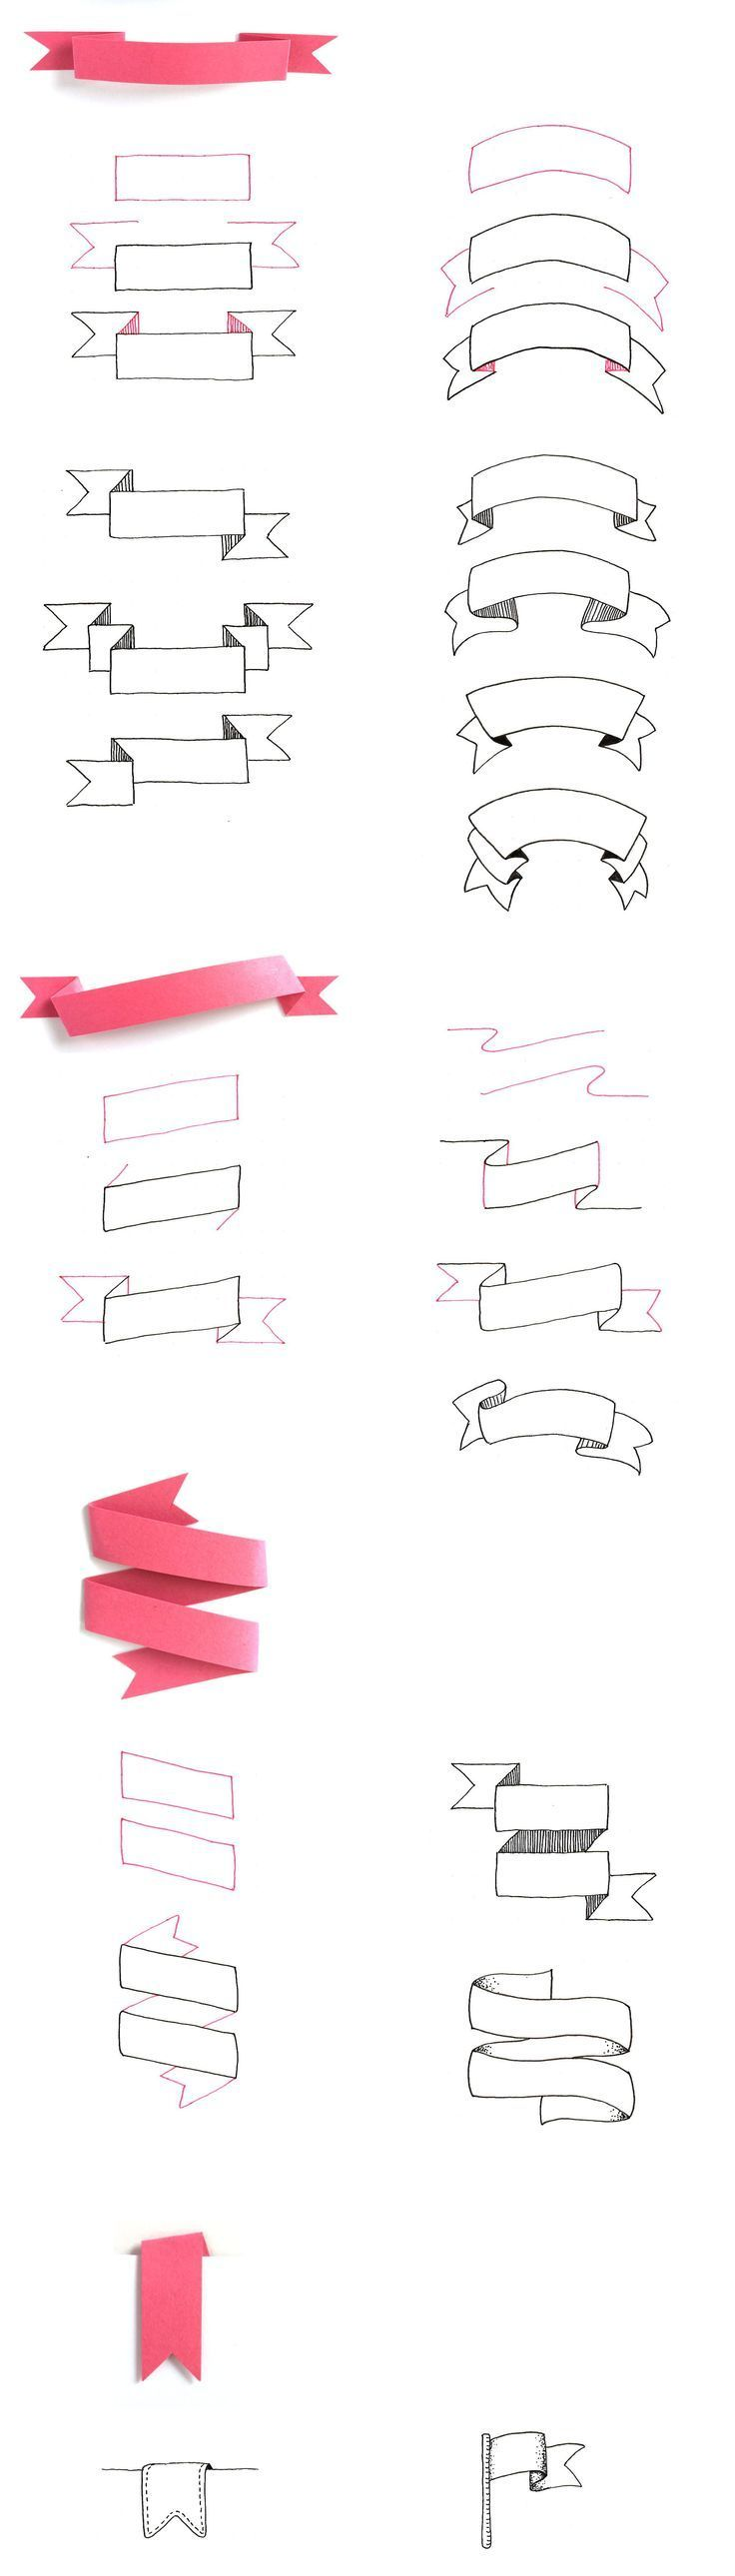 wie zeichne ich einen banner how to draw a banner useful for